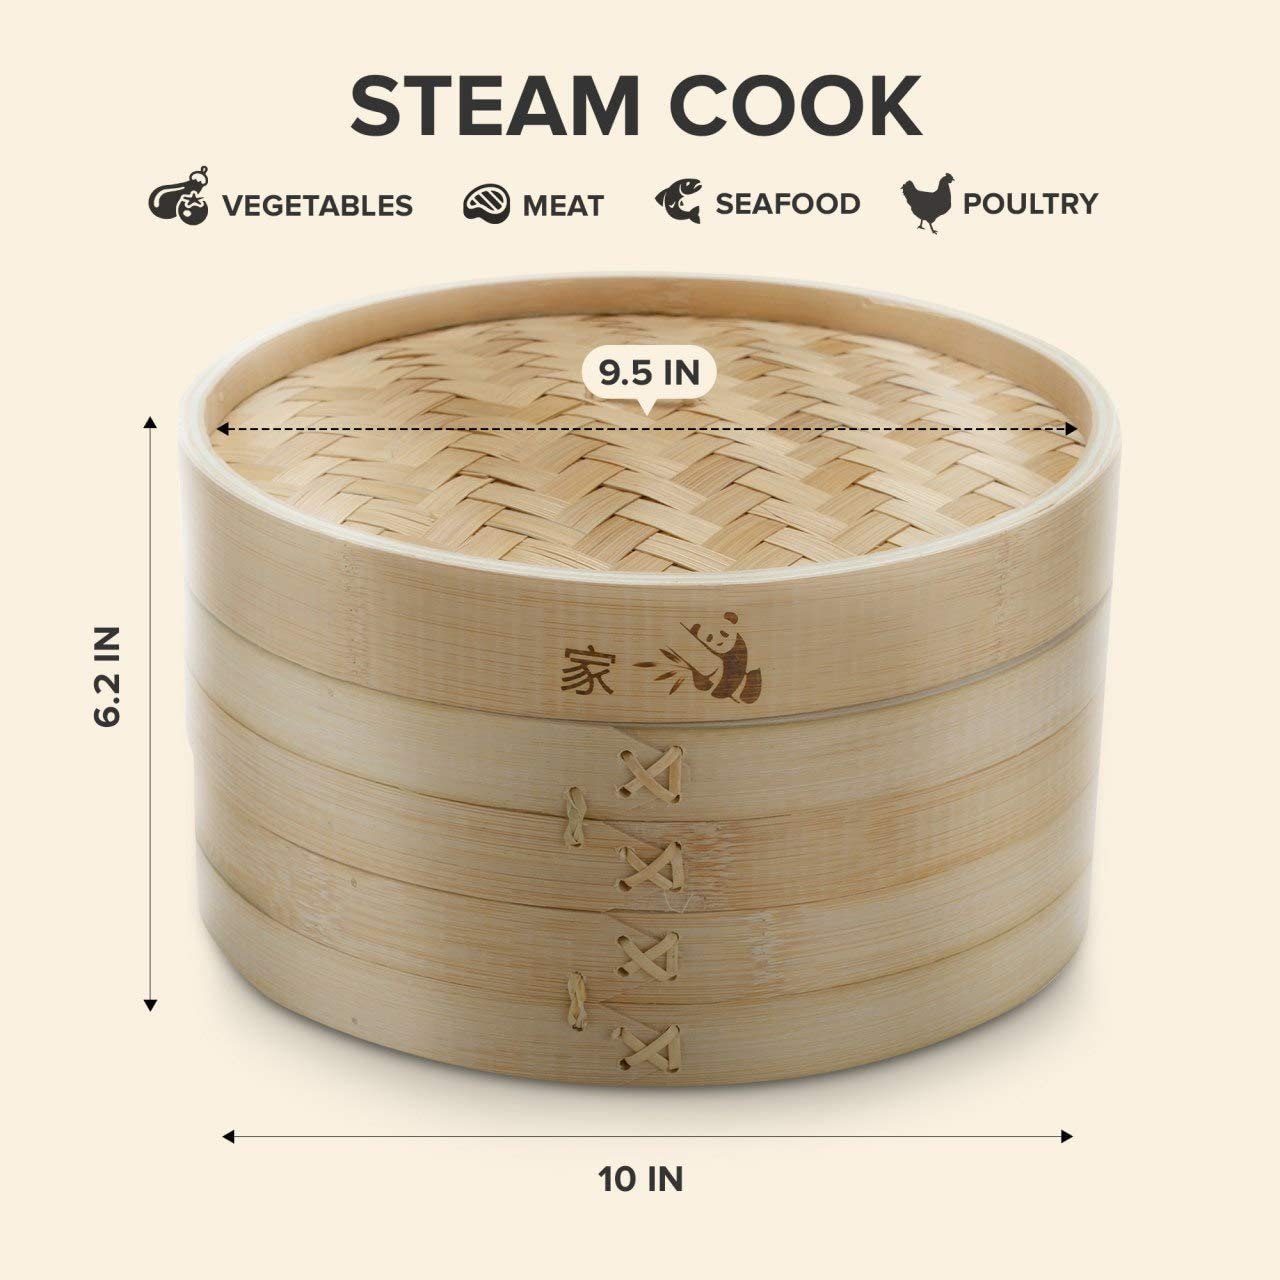 Оптовая продажа, лидер продаж, Заводская Классическая Пароварка из бамбука традиционного дизайна